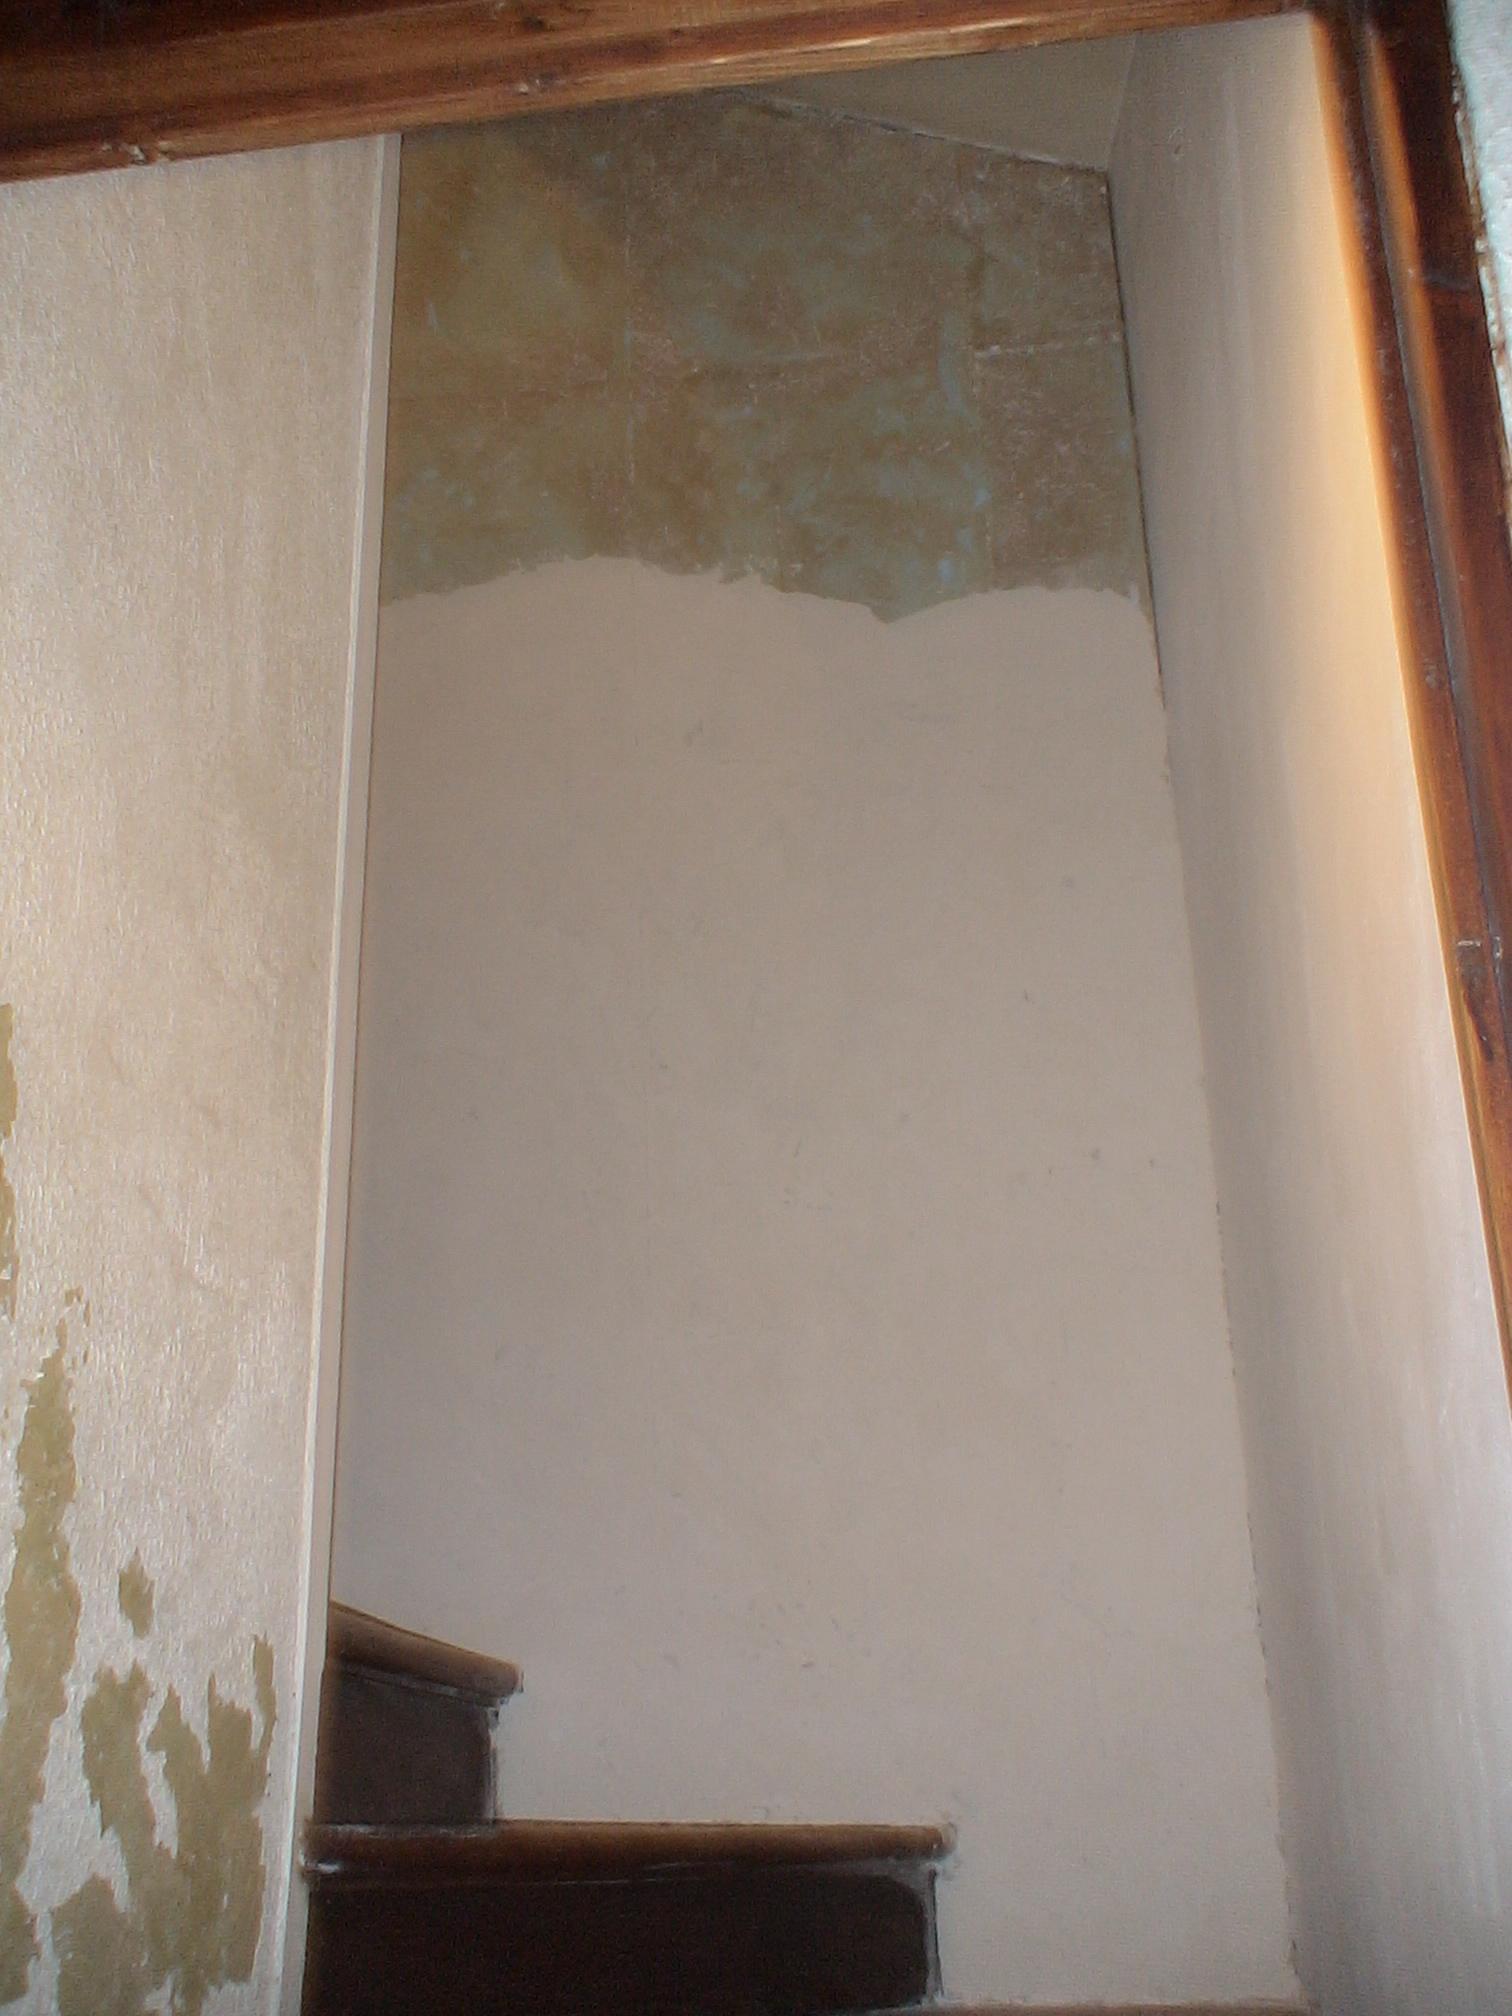 la montee d escalier the rising staircase univers d ambre. Black Bedroom Furniture Sets. Home Design Ideas